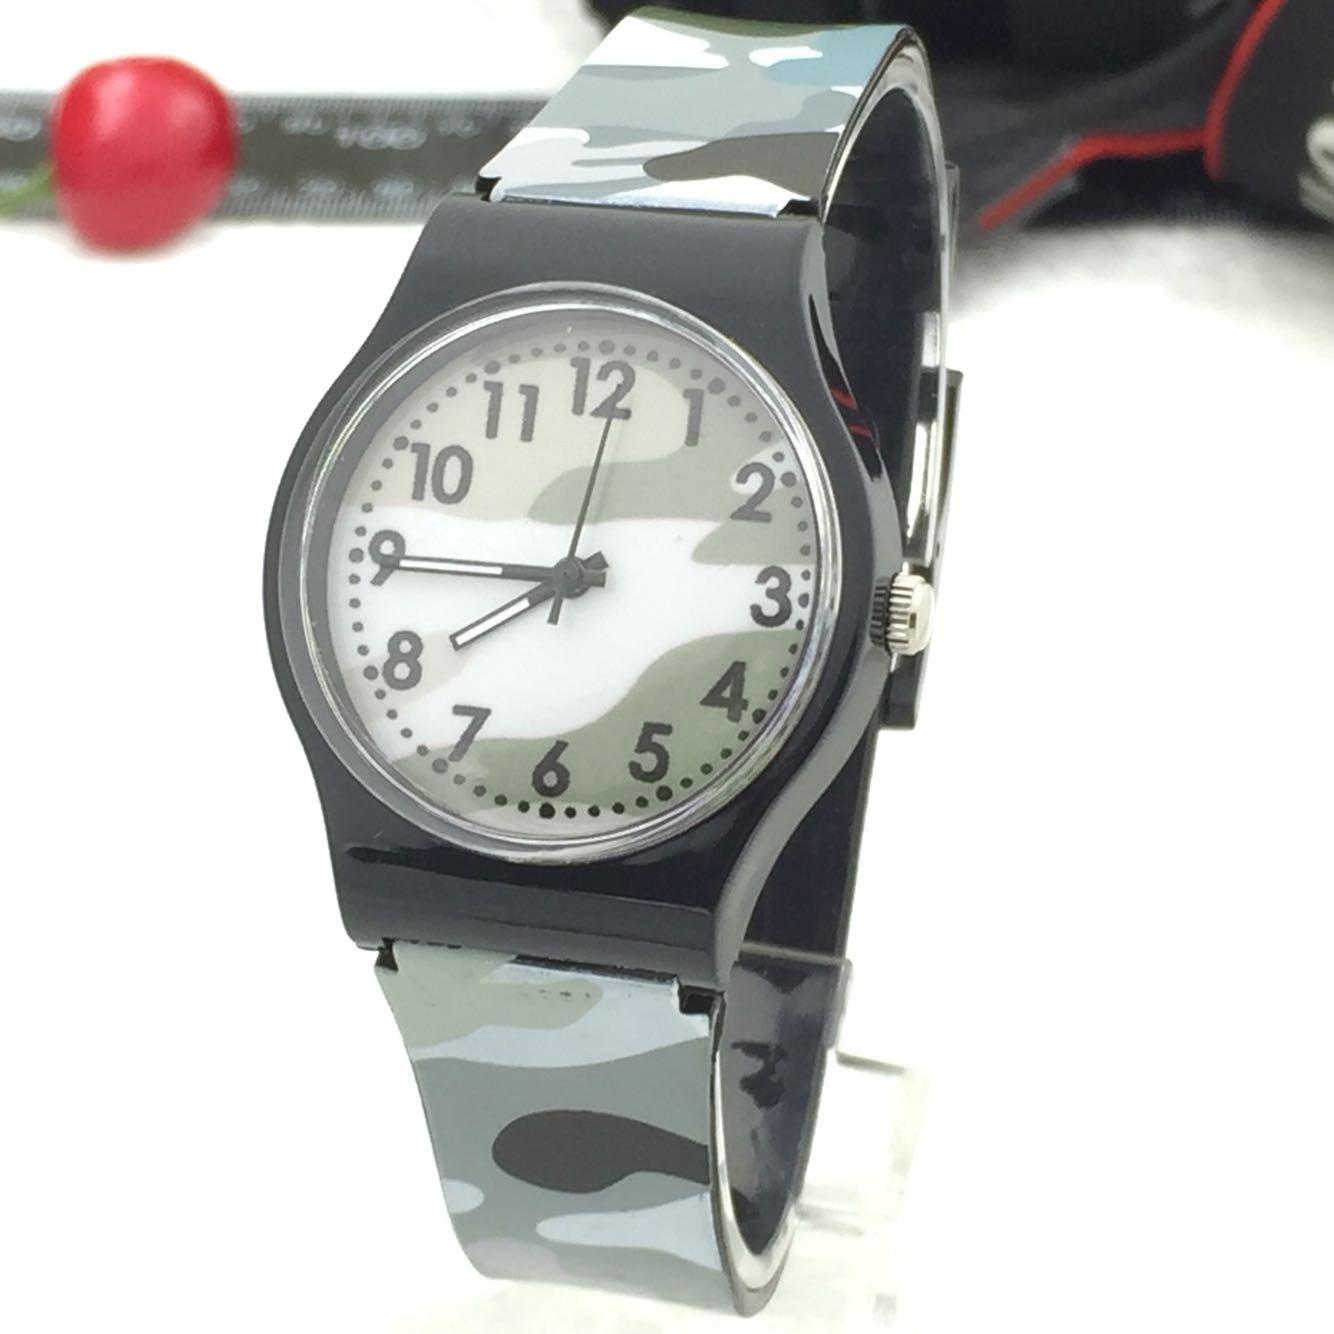 Темно-зеленые военные камуфляжные часы Детские Силиконовые Мультяшные кварцевые детские часы для мальчиков подарочные часы для детей